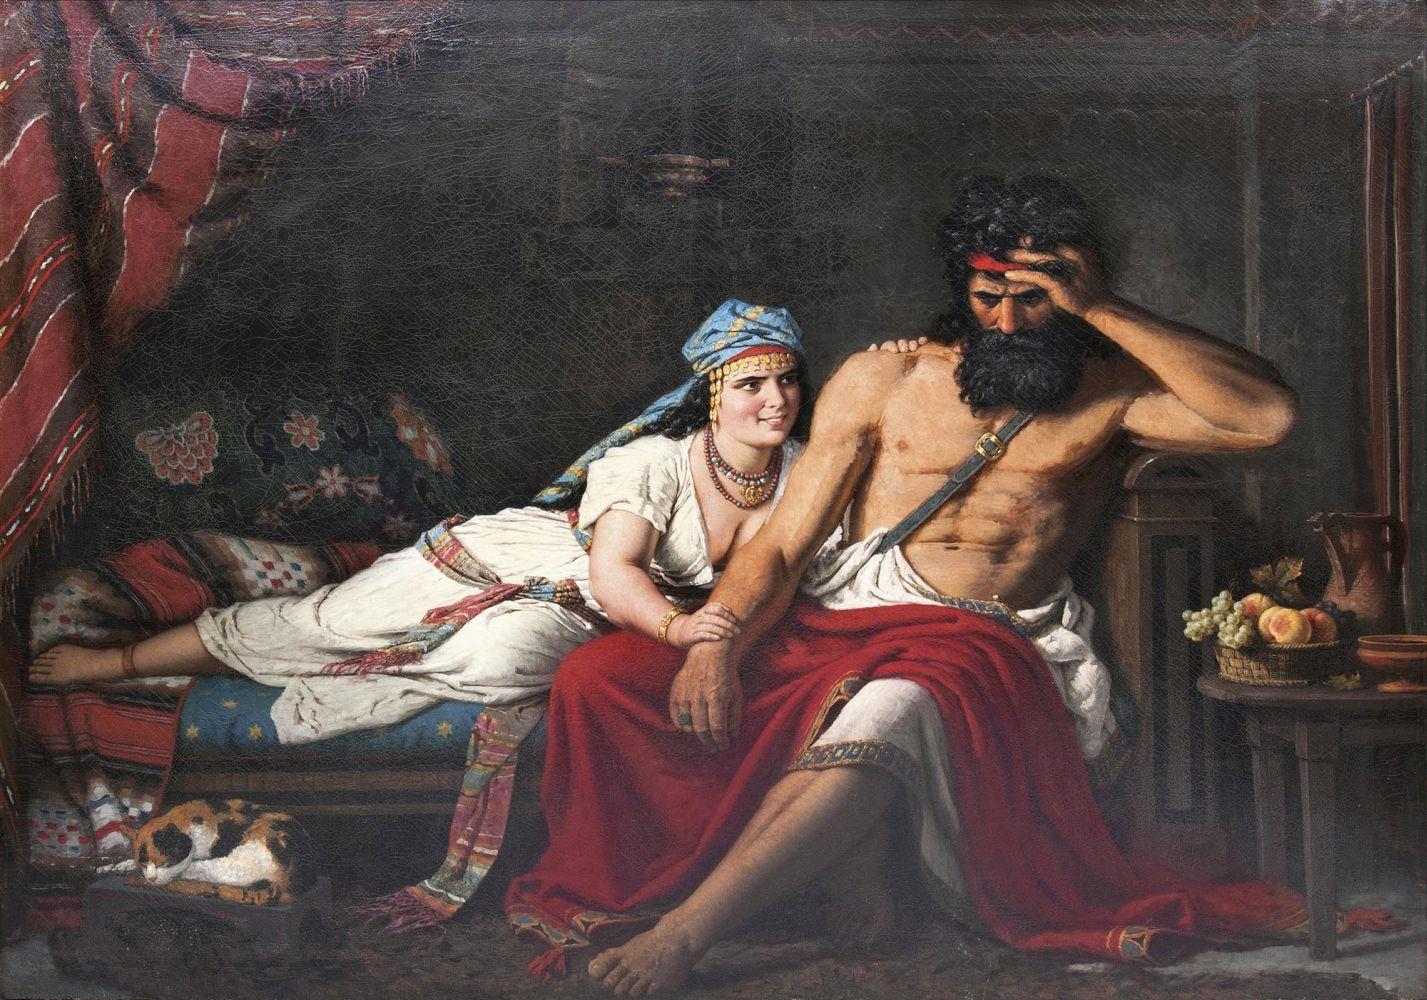 Carl Ludwig Jessen (1833 Deezbüll/Tondern 1917), Samson und Delilah, Öl/Lwd., signiert und datiert, 1882